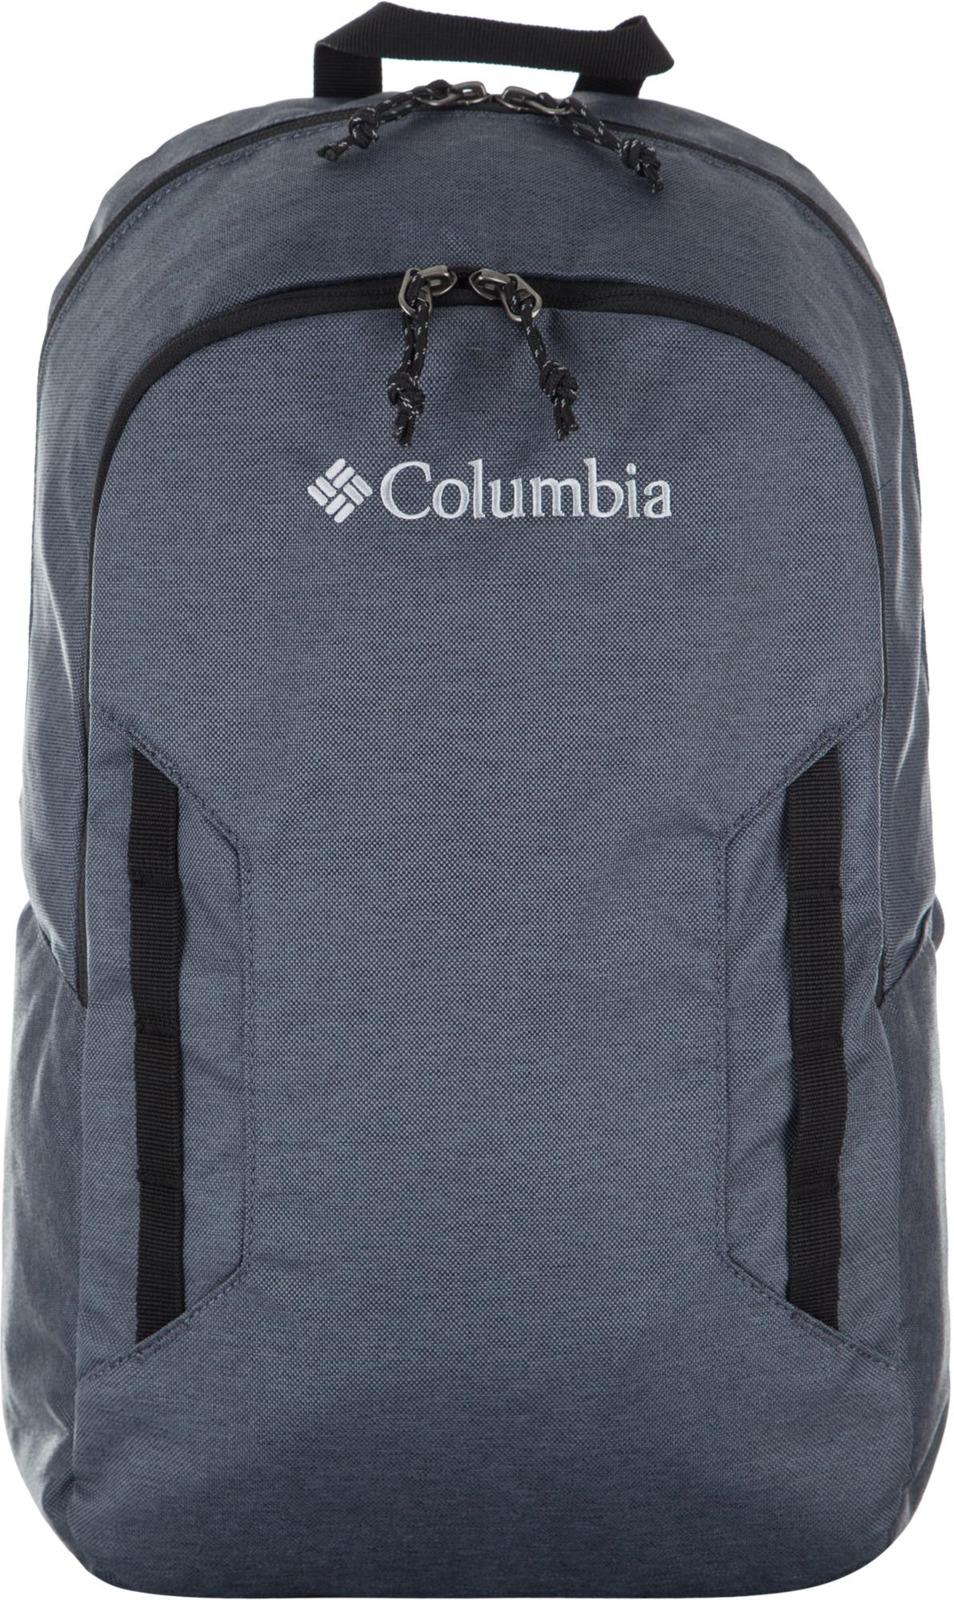 Рюкзак мужской Columbia Oak Bowery Backpack, 1810221-010, черный рюкзак городской thule lithos backpack 3203632 черный 20 л